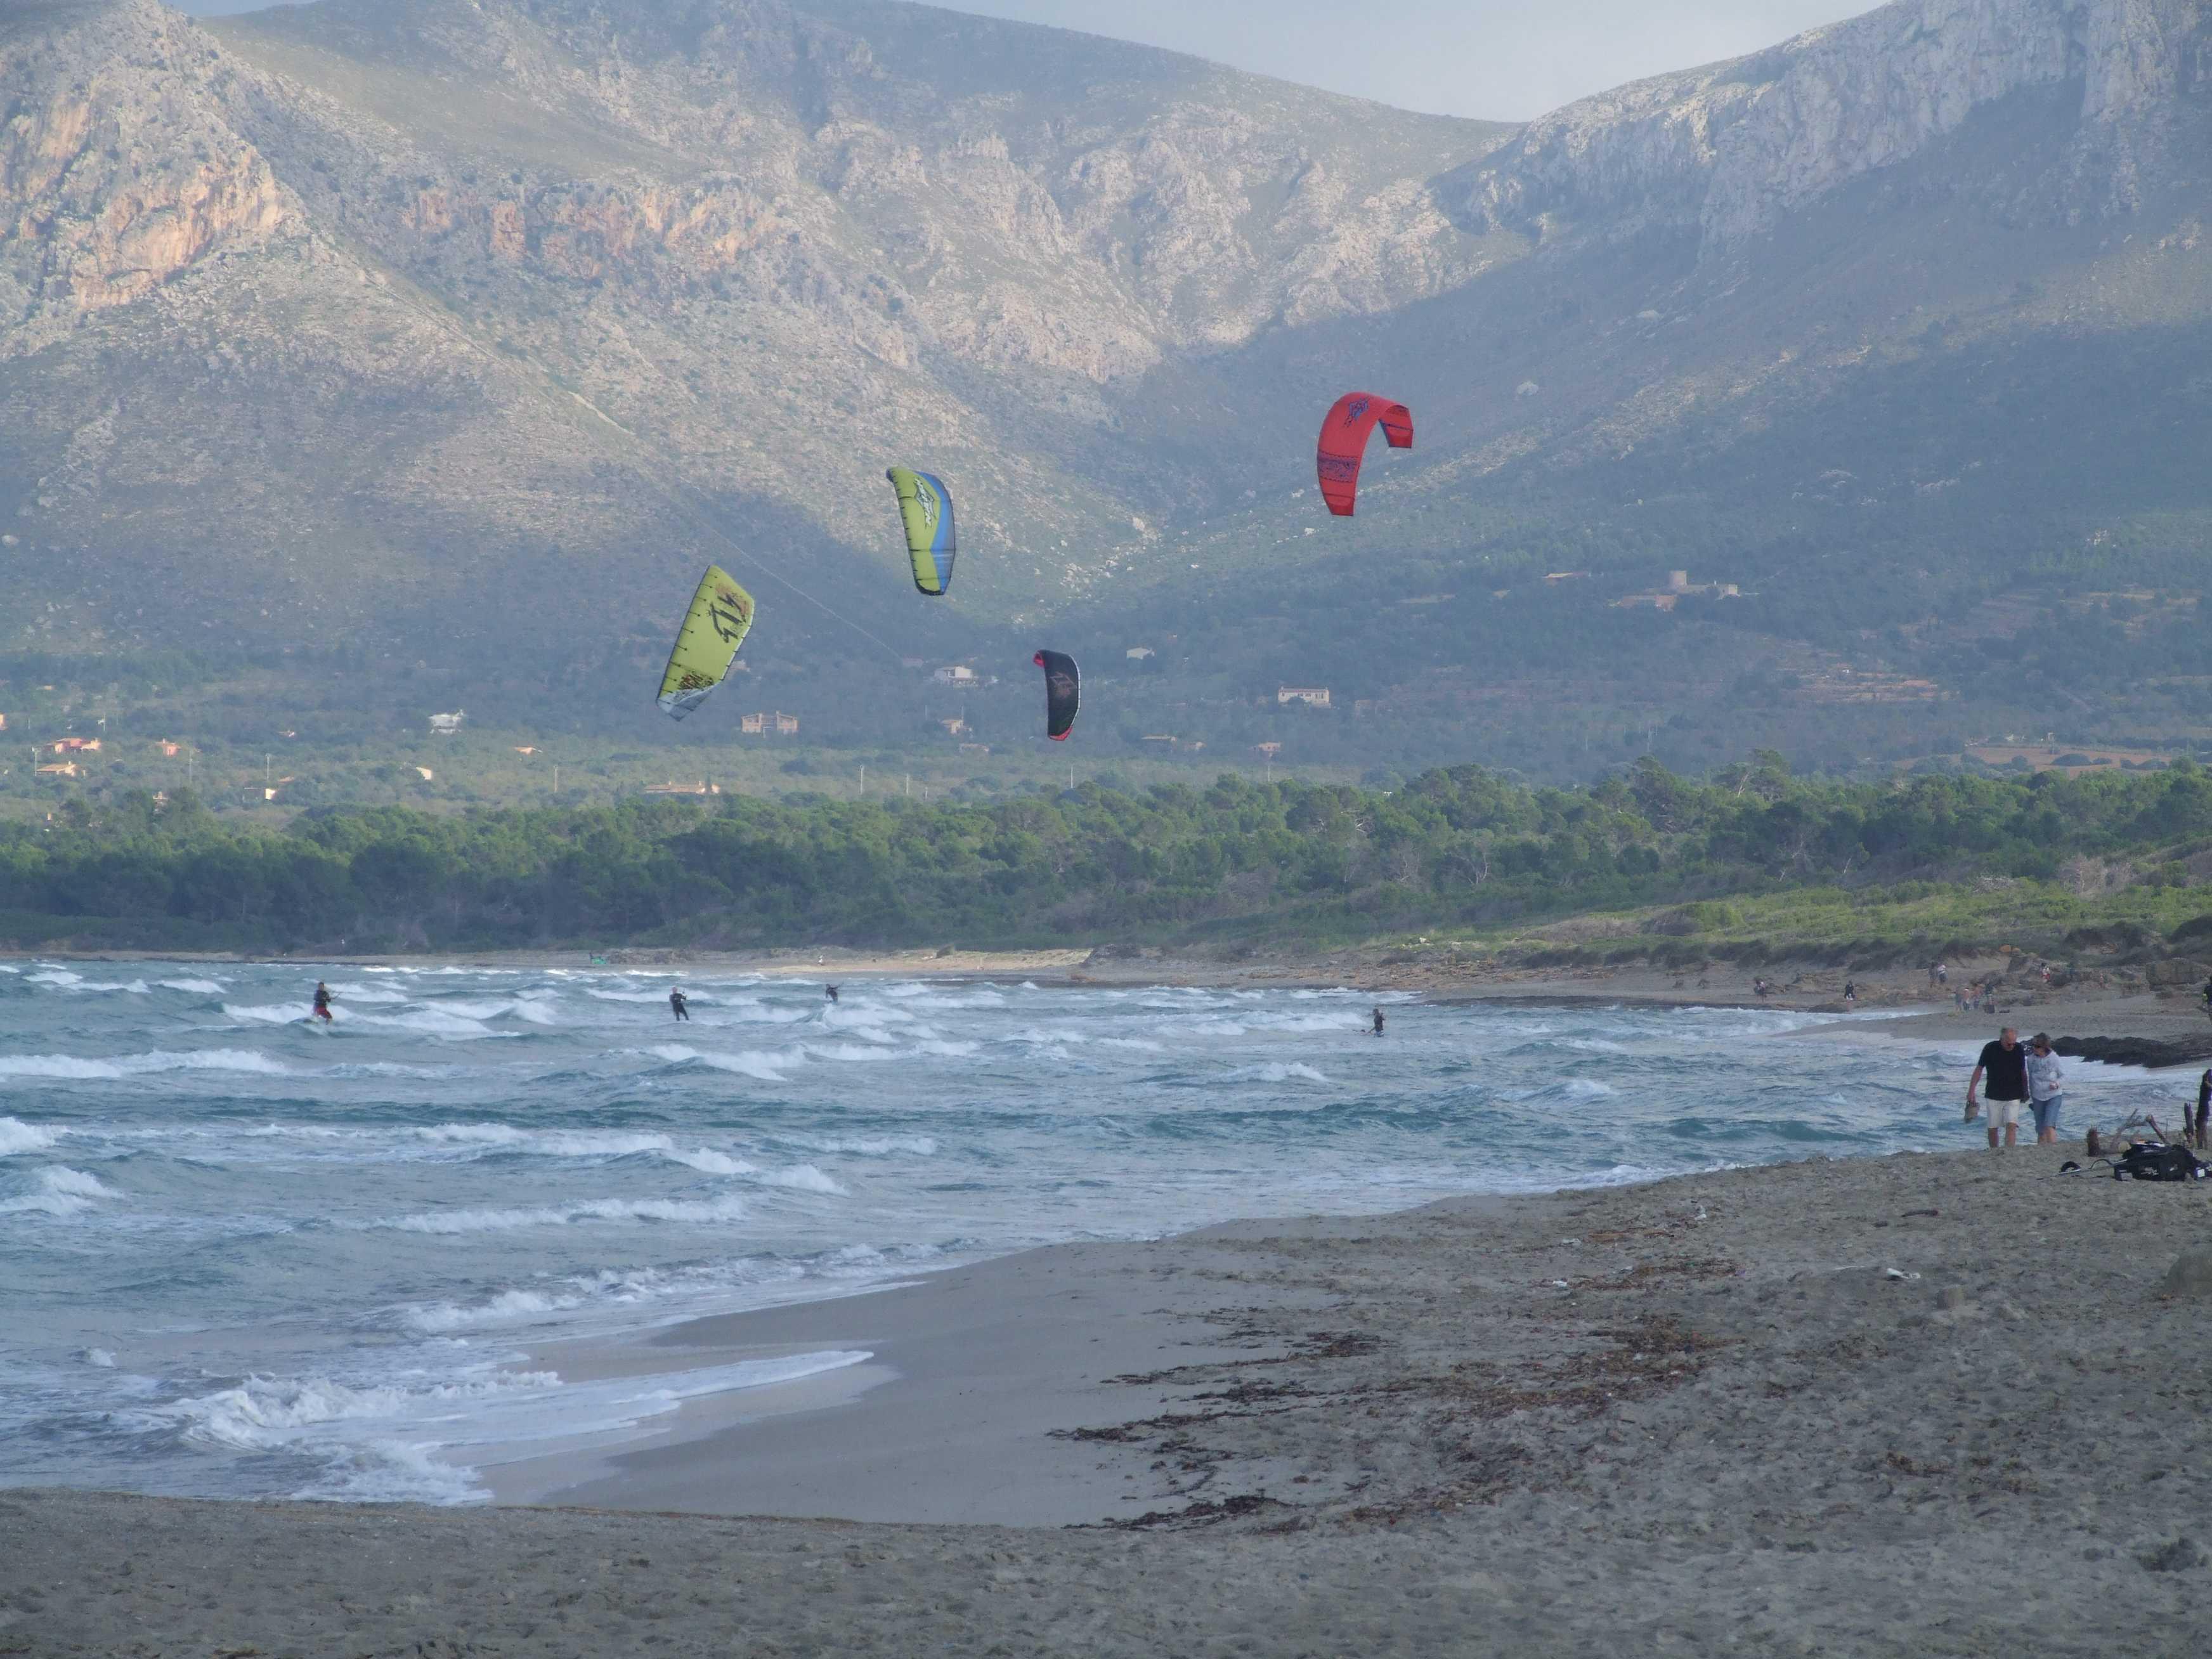 Foto playa Son Serra de Marina. Kitesurfer